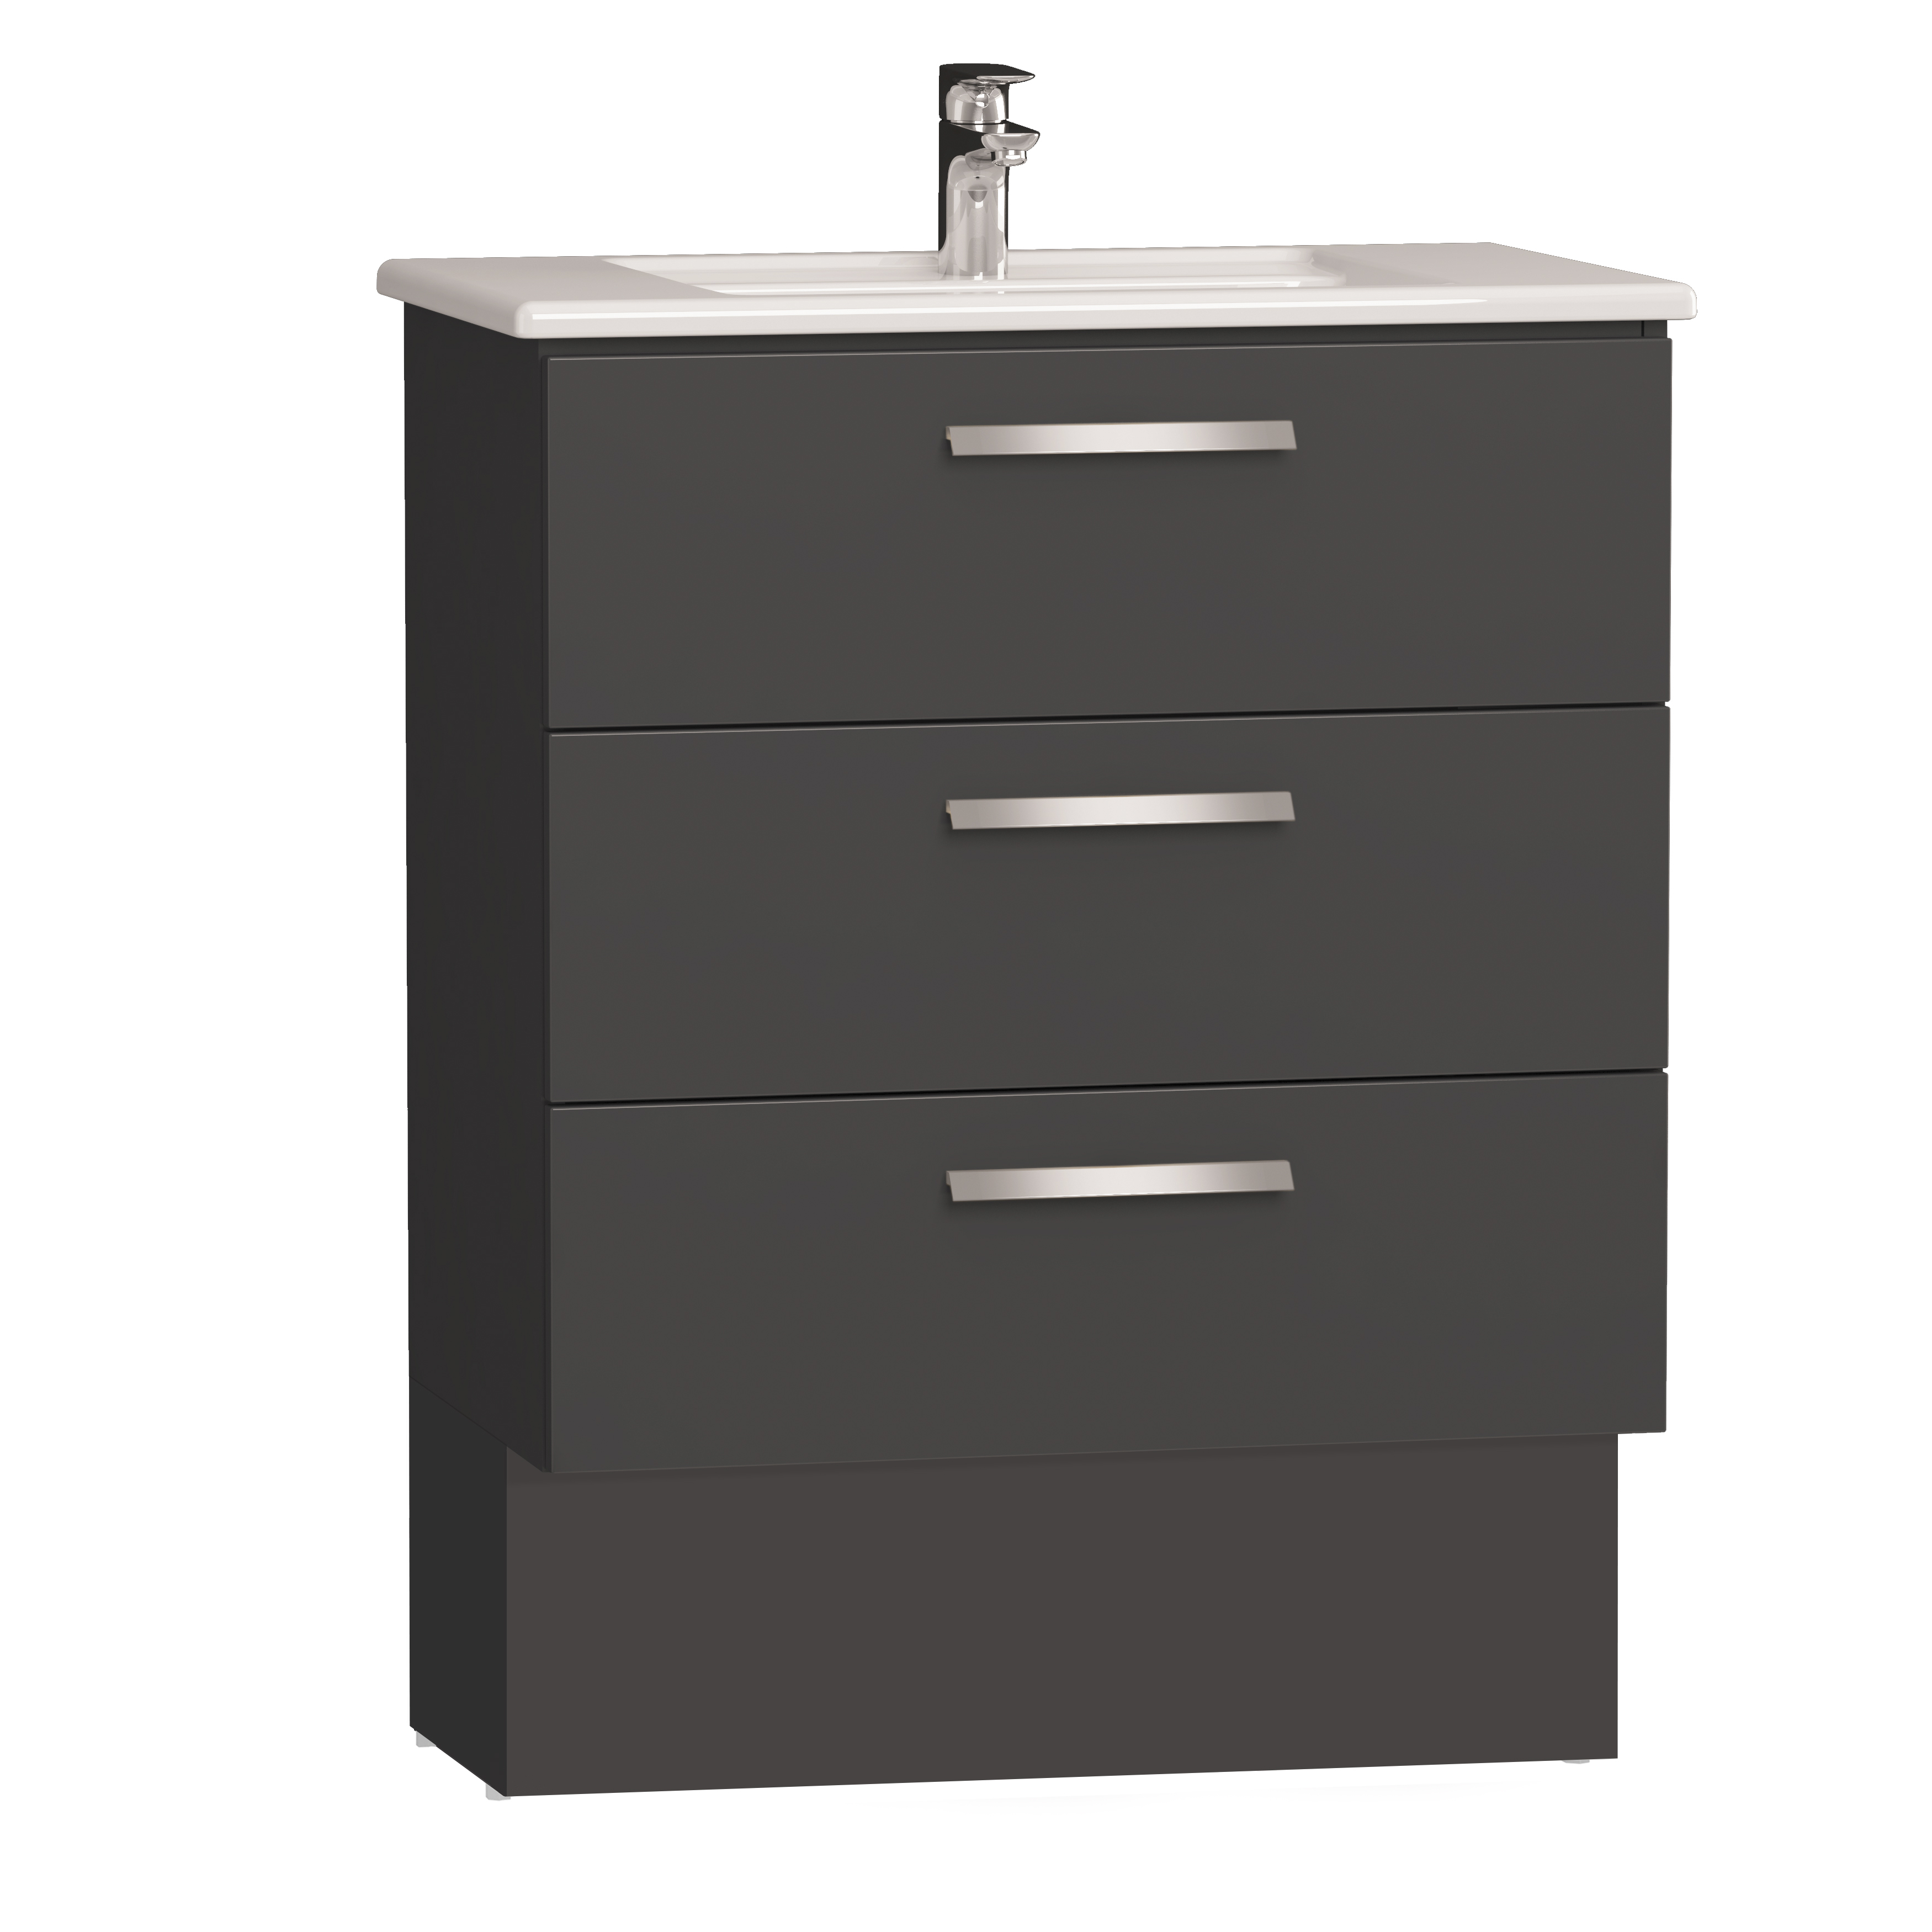 Integra socle pour meuble avec plan céramique et trois tiroirs, 80 cm, anthraciteacite haute brillance